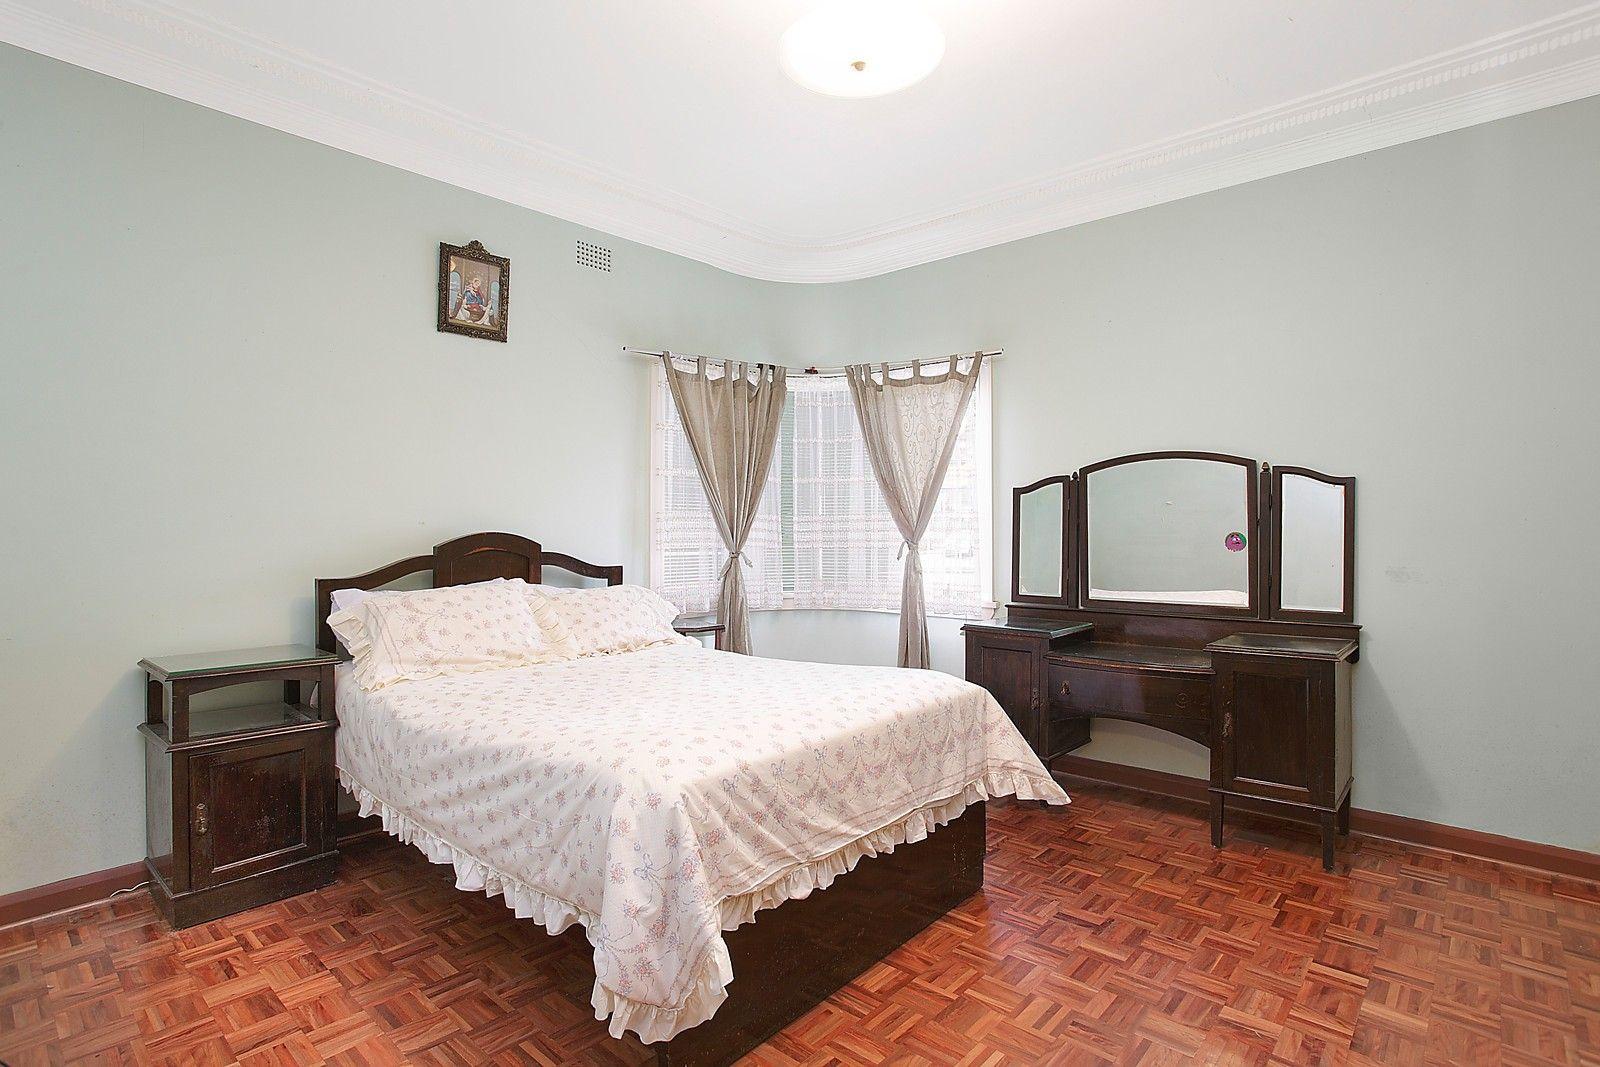 3 window bedroom  huge main bedroom curved window character family home huge